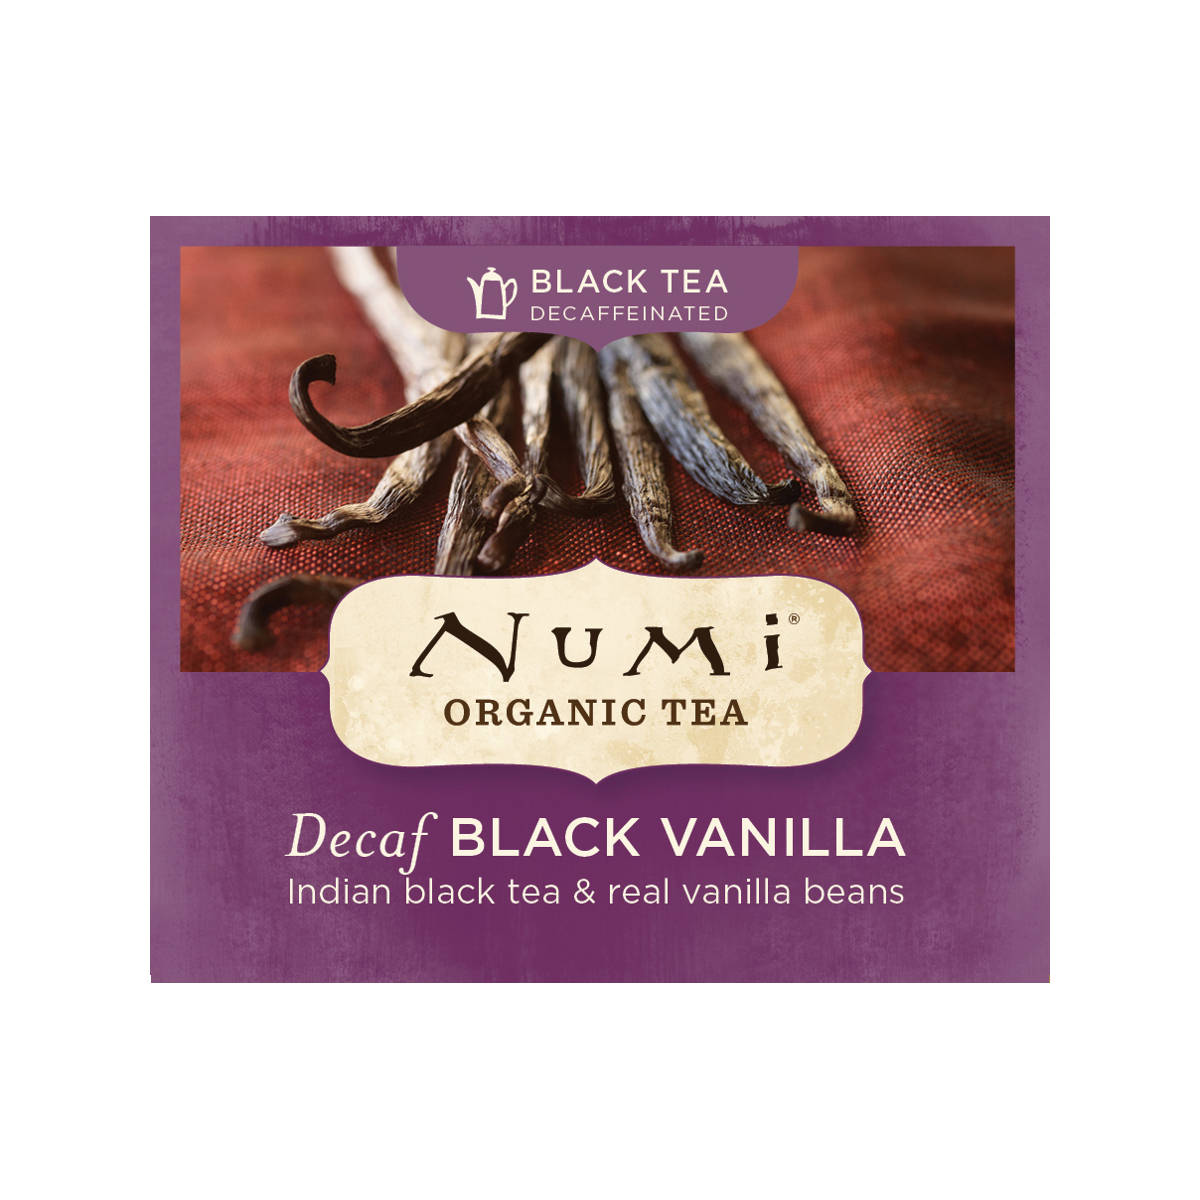 Numi Černý čaj Decaf Black Vanilla 1 ks